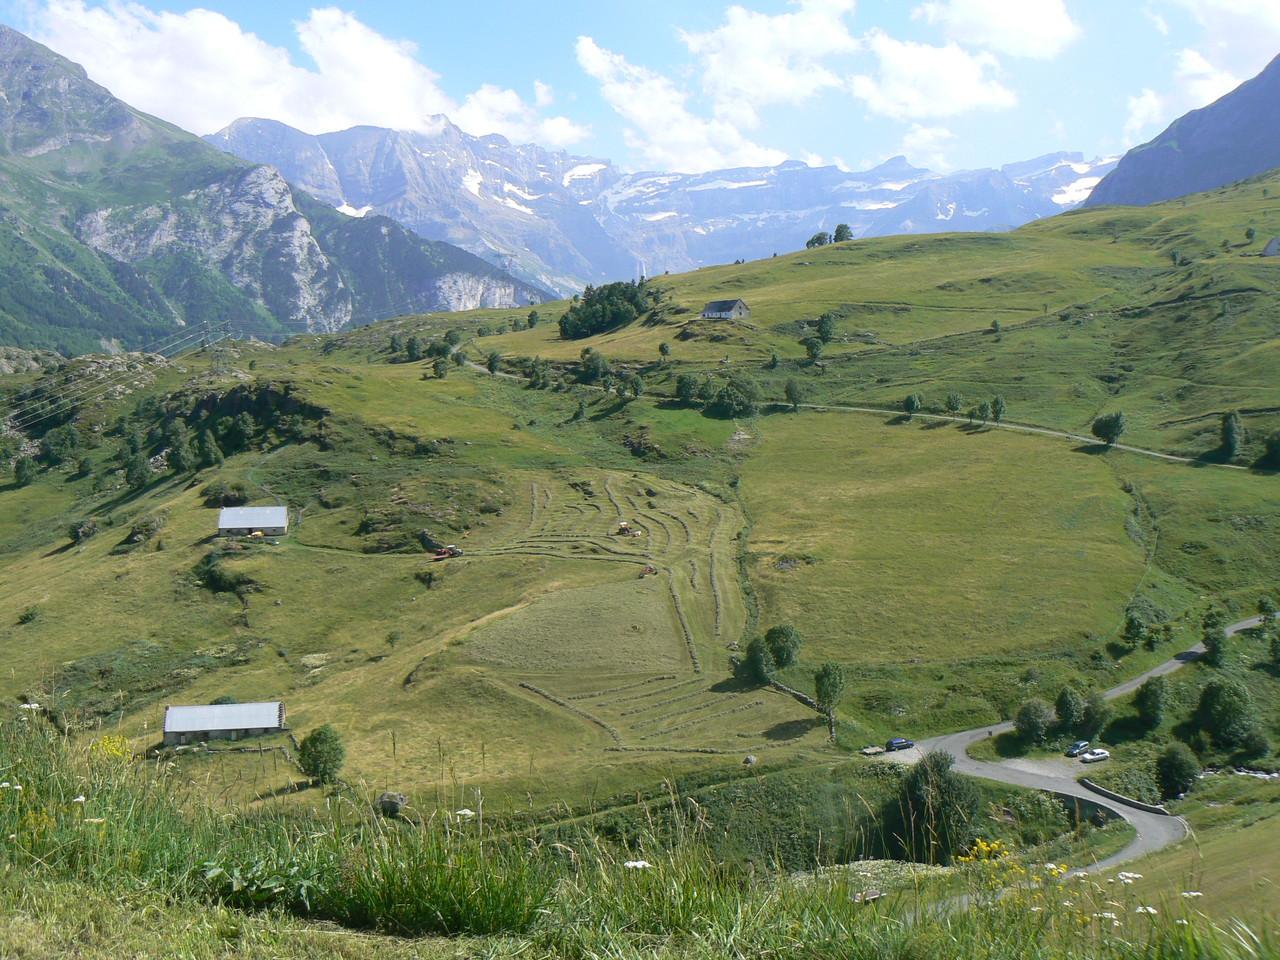 Plateau de Saugué et Cirque de Gavarnie en fond